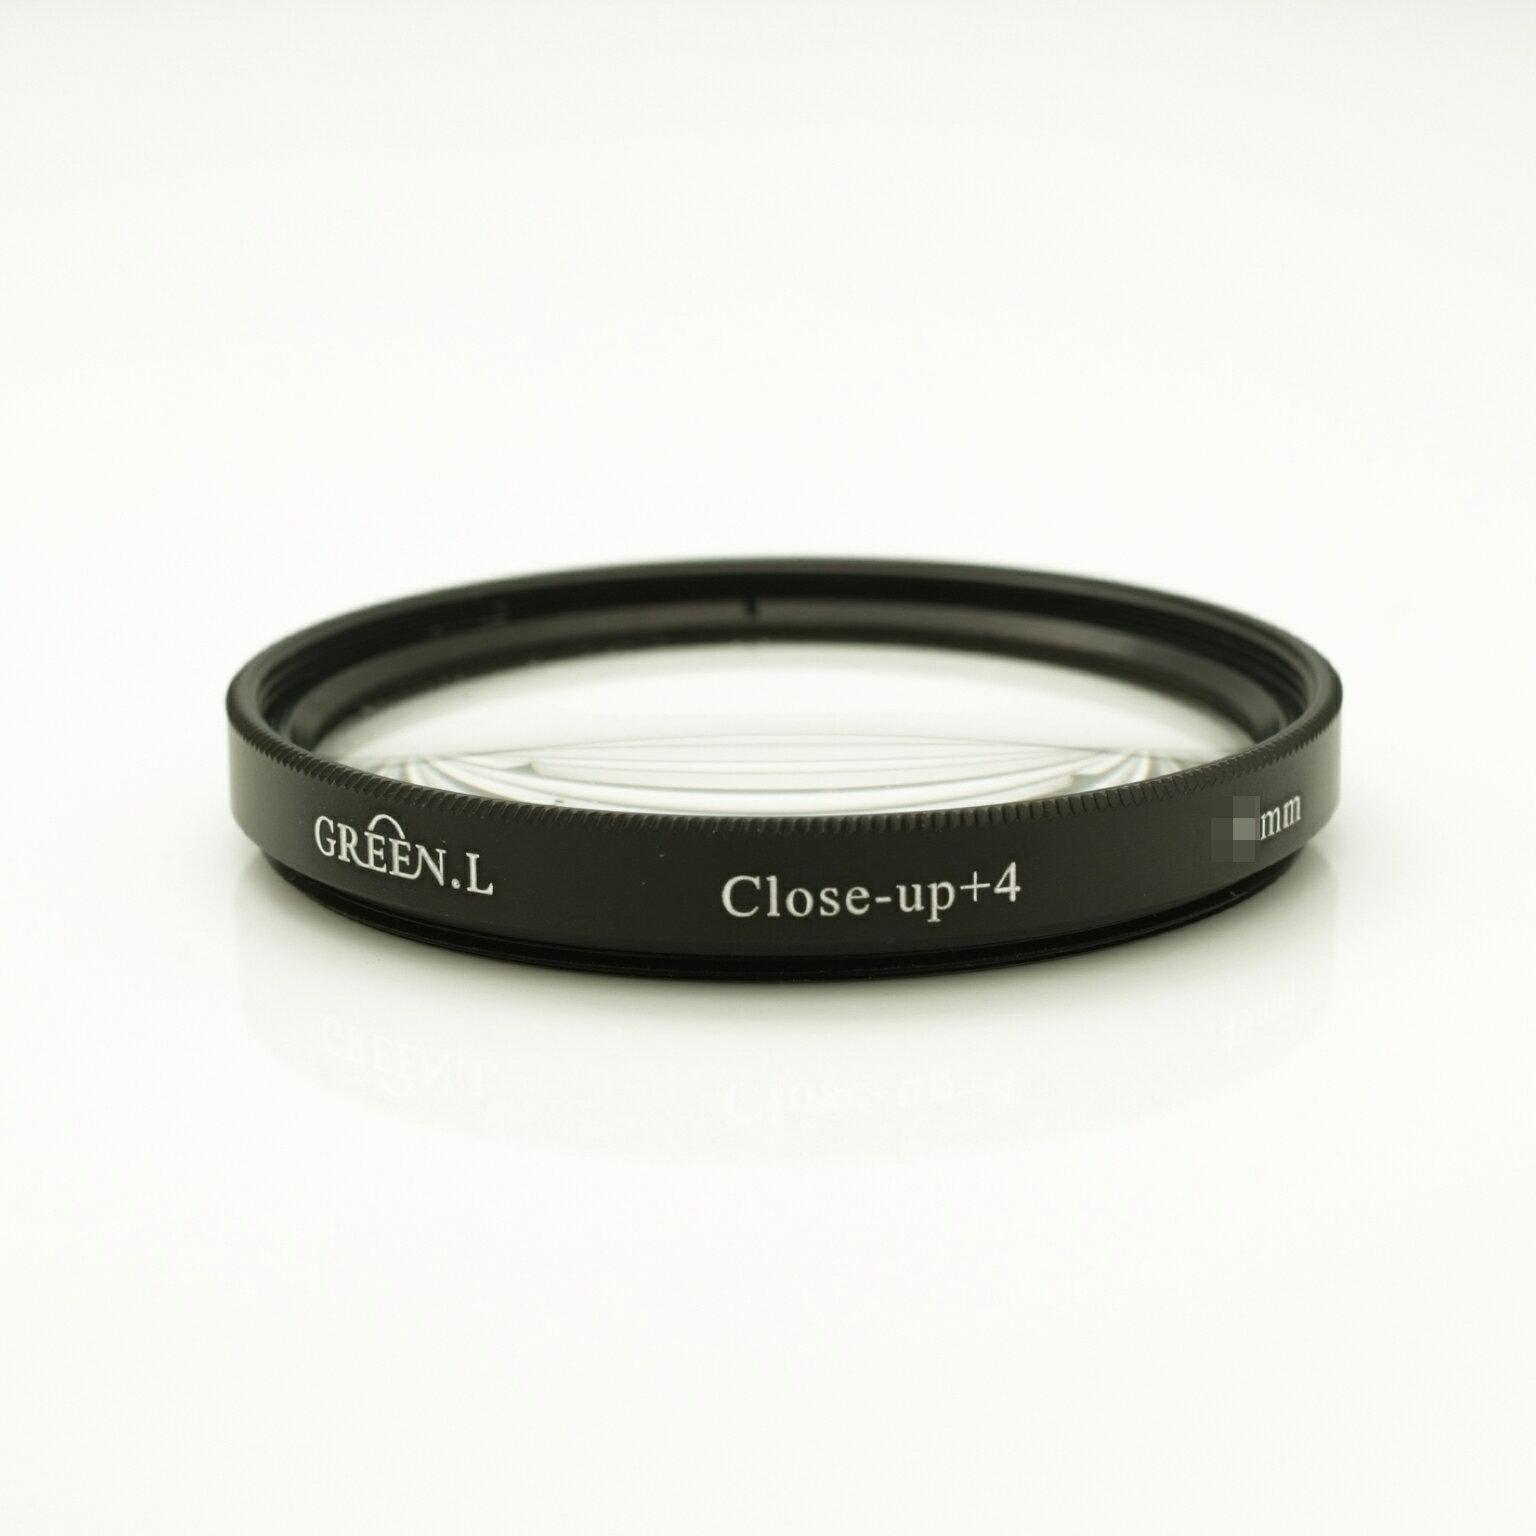 又敗家@ Green.L 46mm近攝鏡(close-up+4)Micro Macro鏡微距鏡,代倒接環雙陽環適近拍生態攝影適Olympus MZD 12mm f2.0 Panasonic 14mm ..